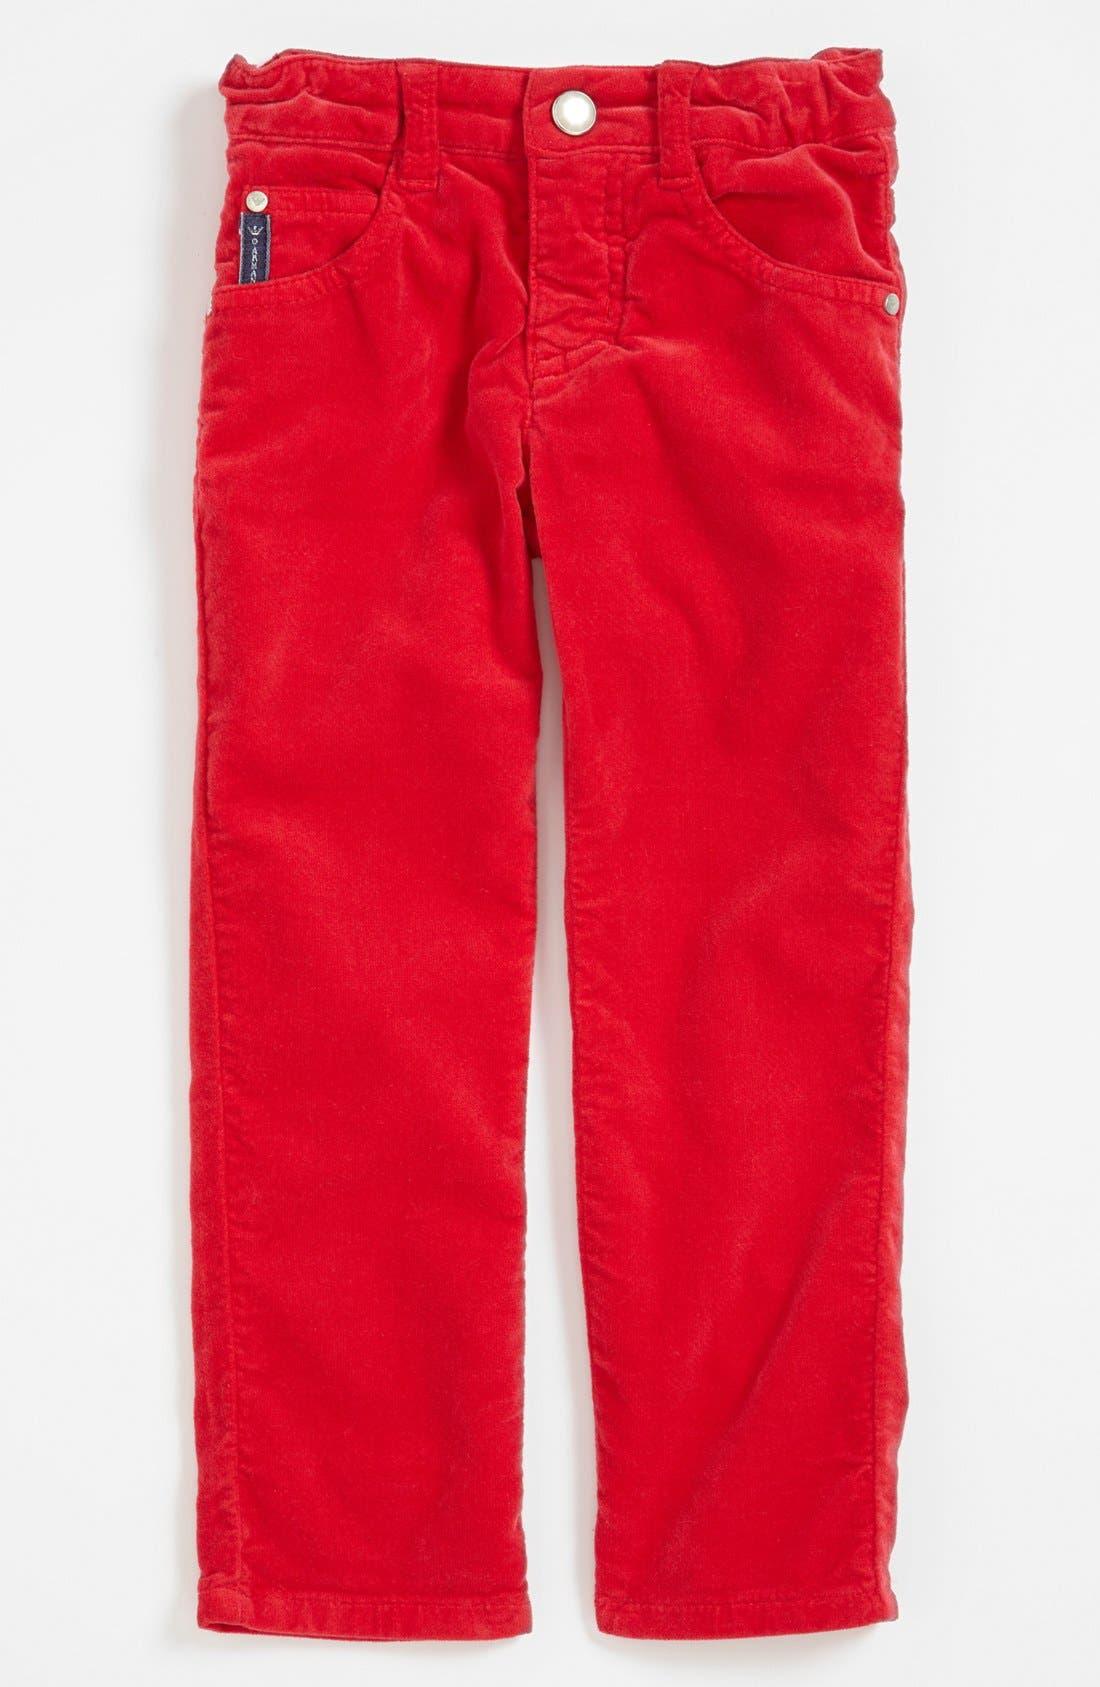 Main Image - Armani Junior Corduroy Pants (Toddler Girls, Little Girls & Big Girls)